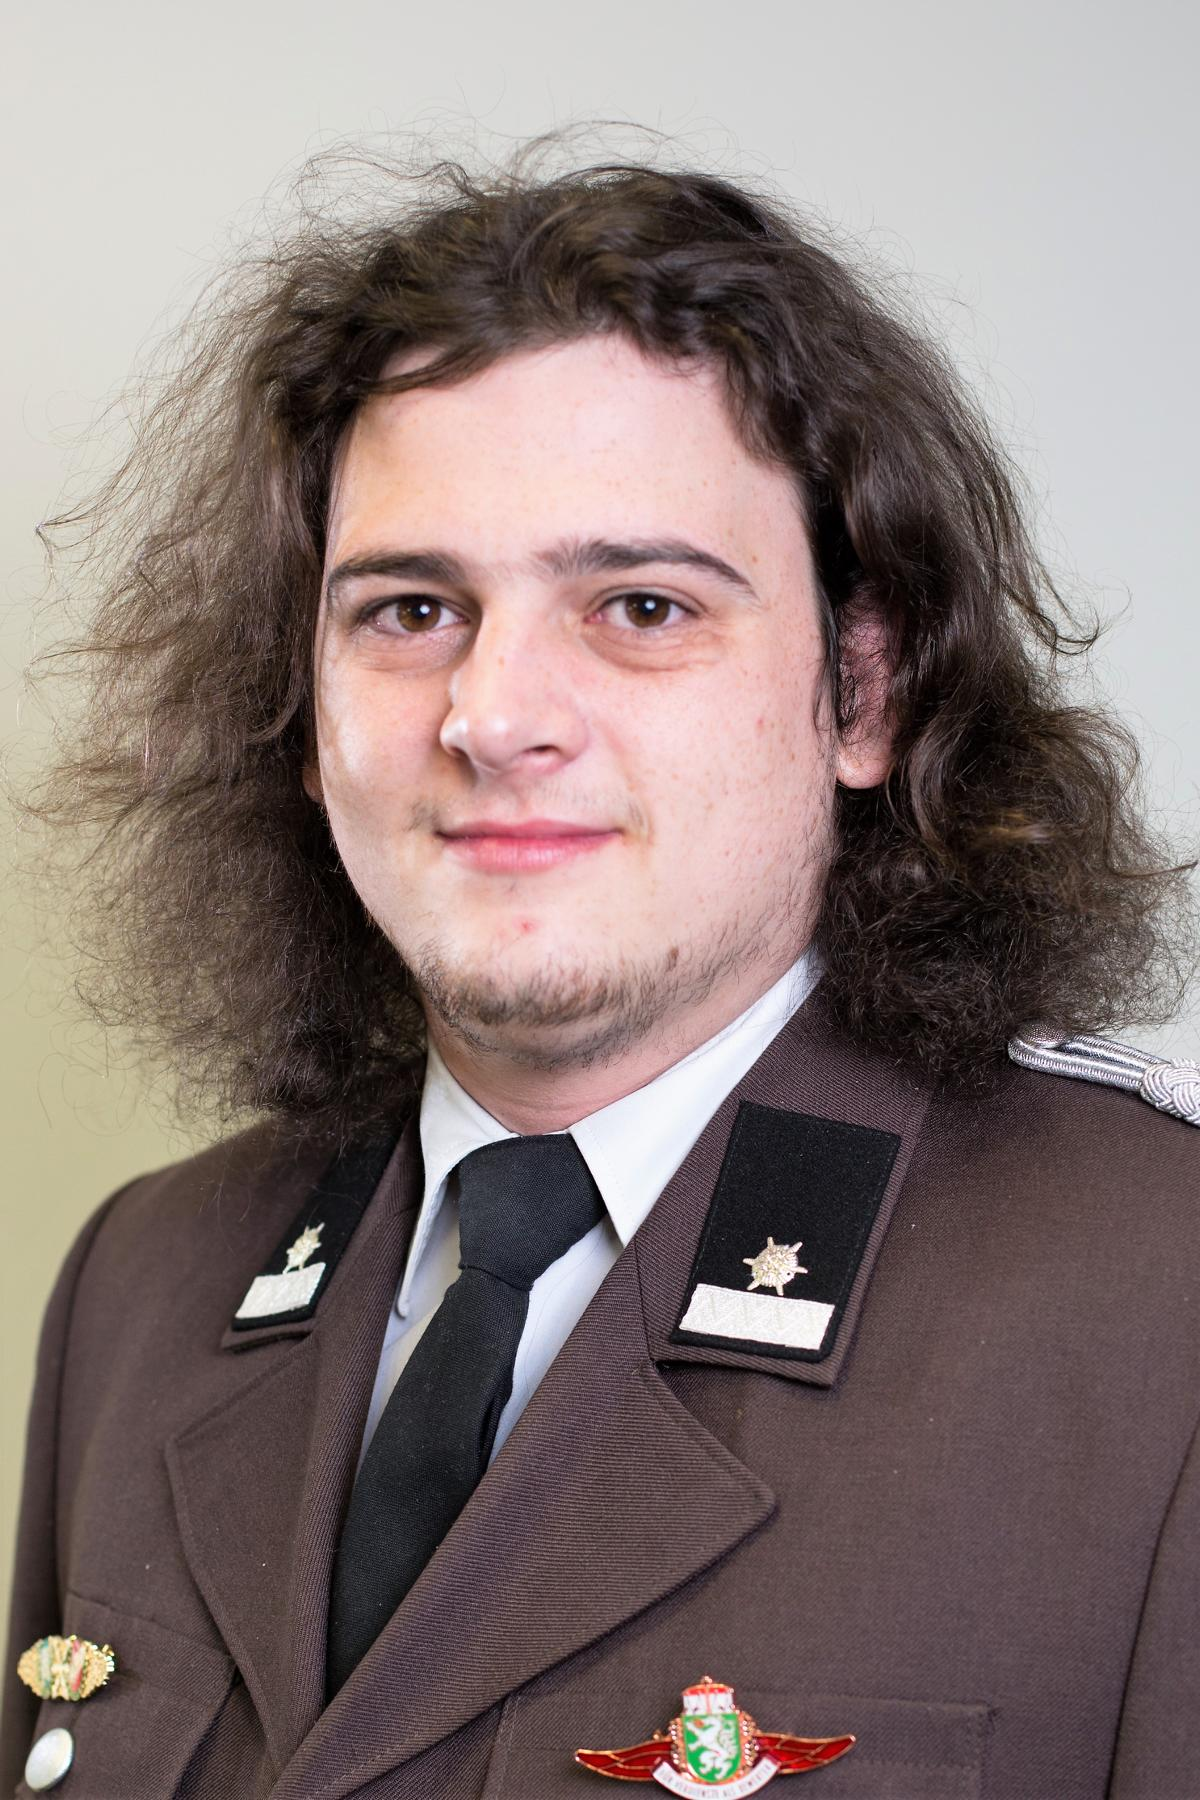 LM Florian Brossmann